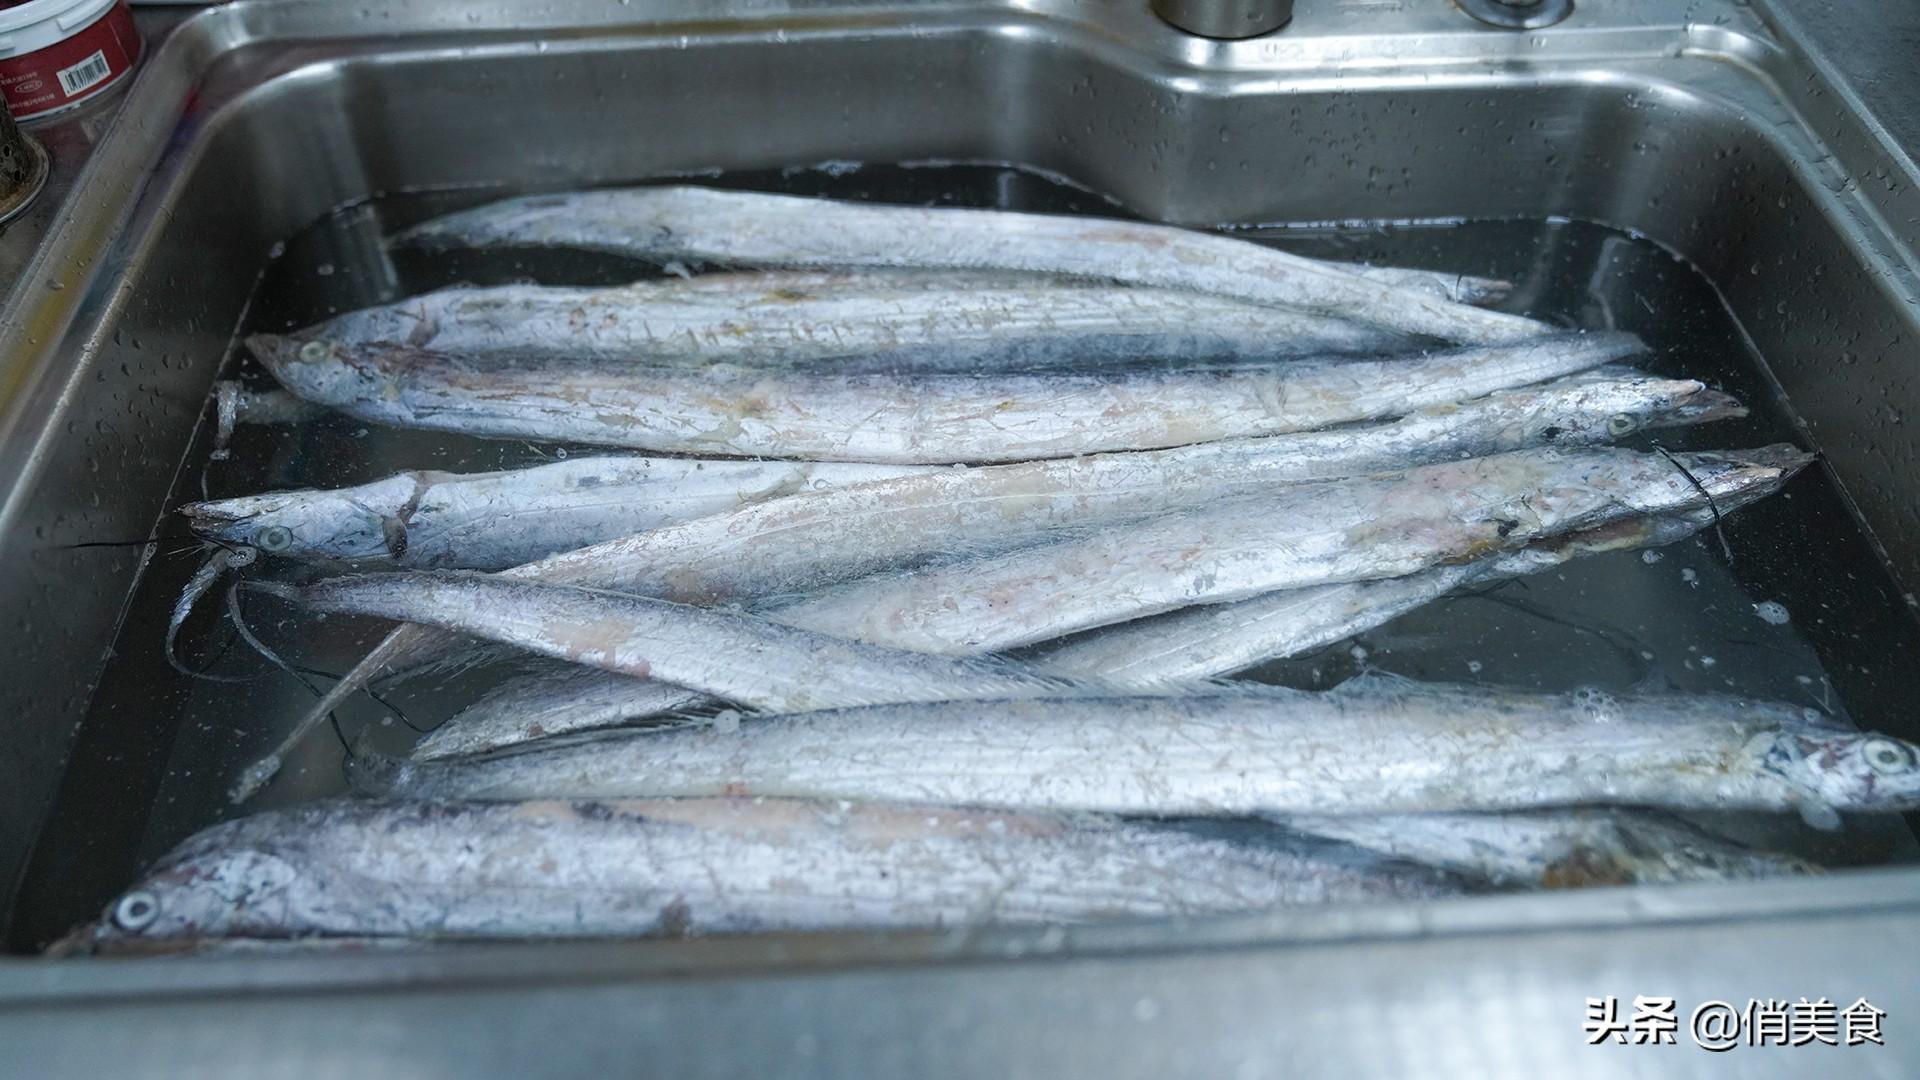 炸带鱼,到底是裹面粉还是淀粉?教你正确做法,外酥里嫩无腥味 美食做法 第2张